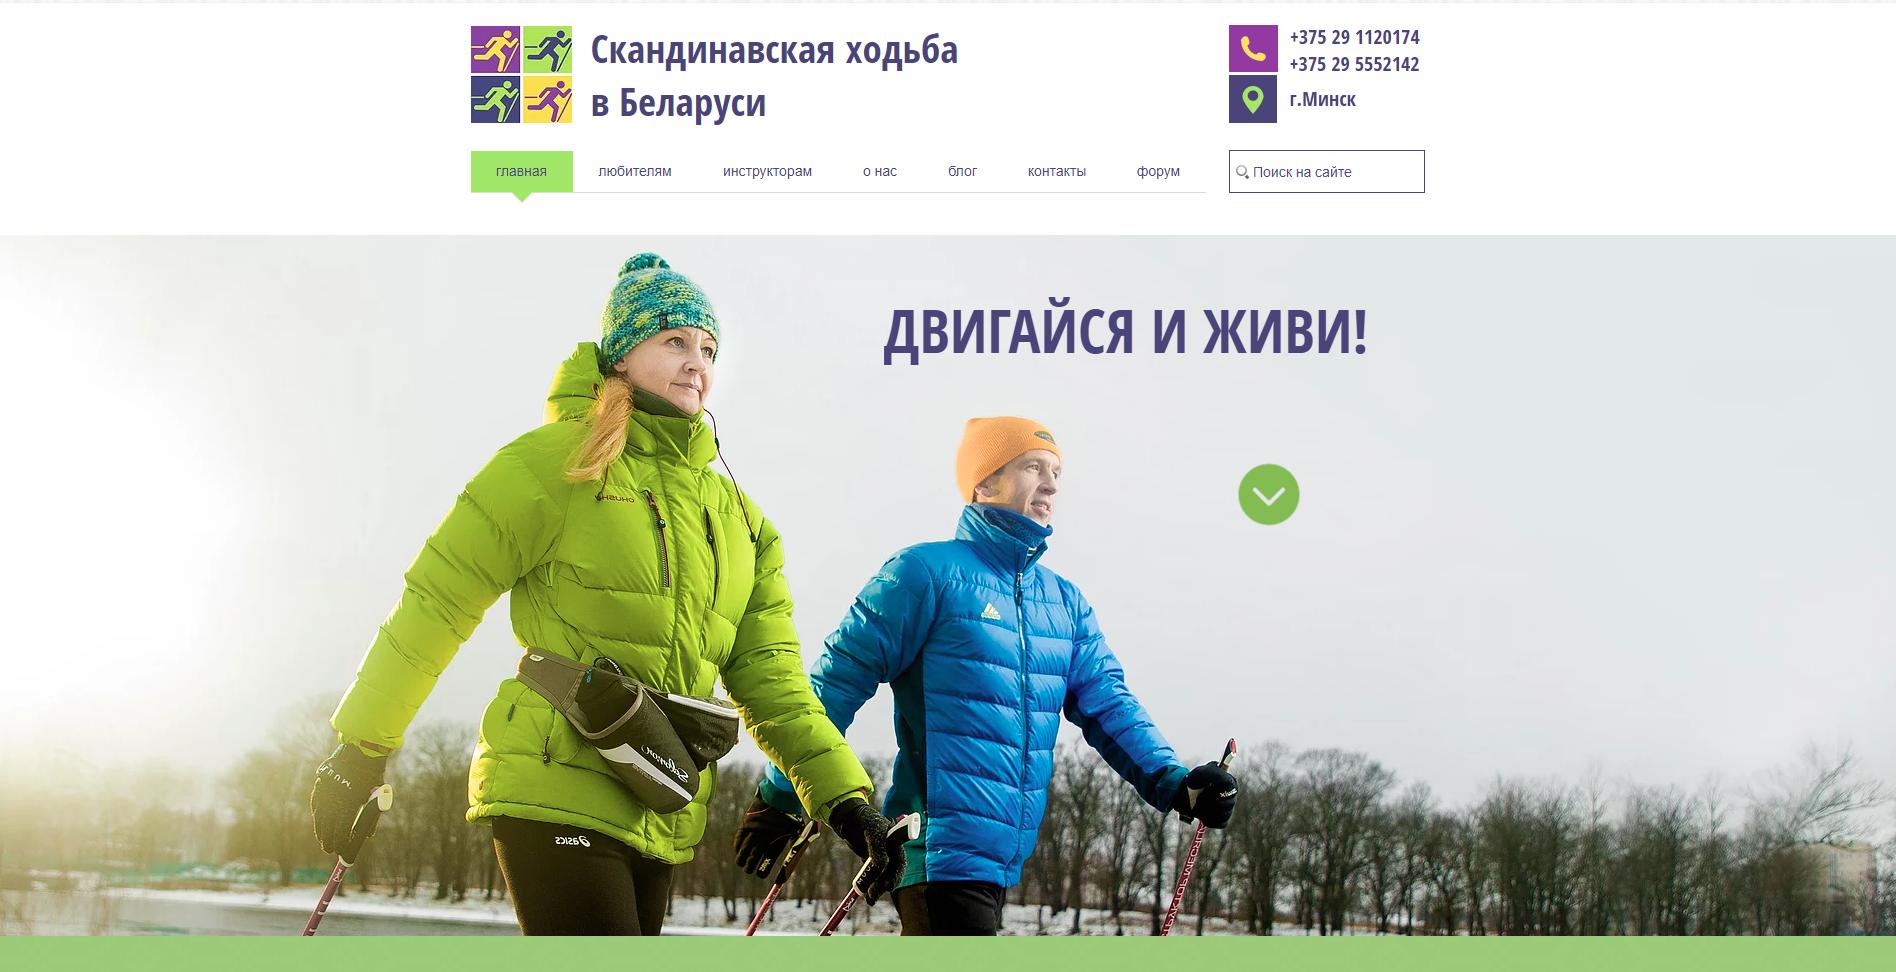 Сайт скандинавской ходьбы в Беларуси